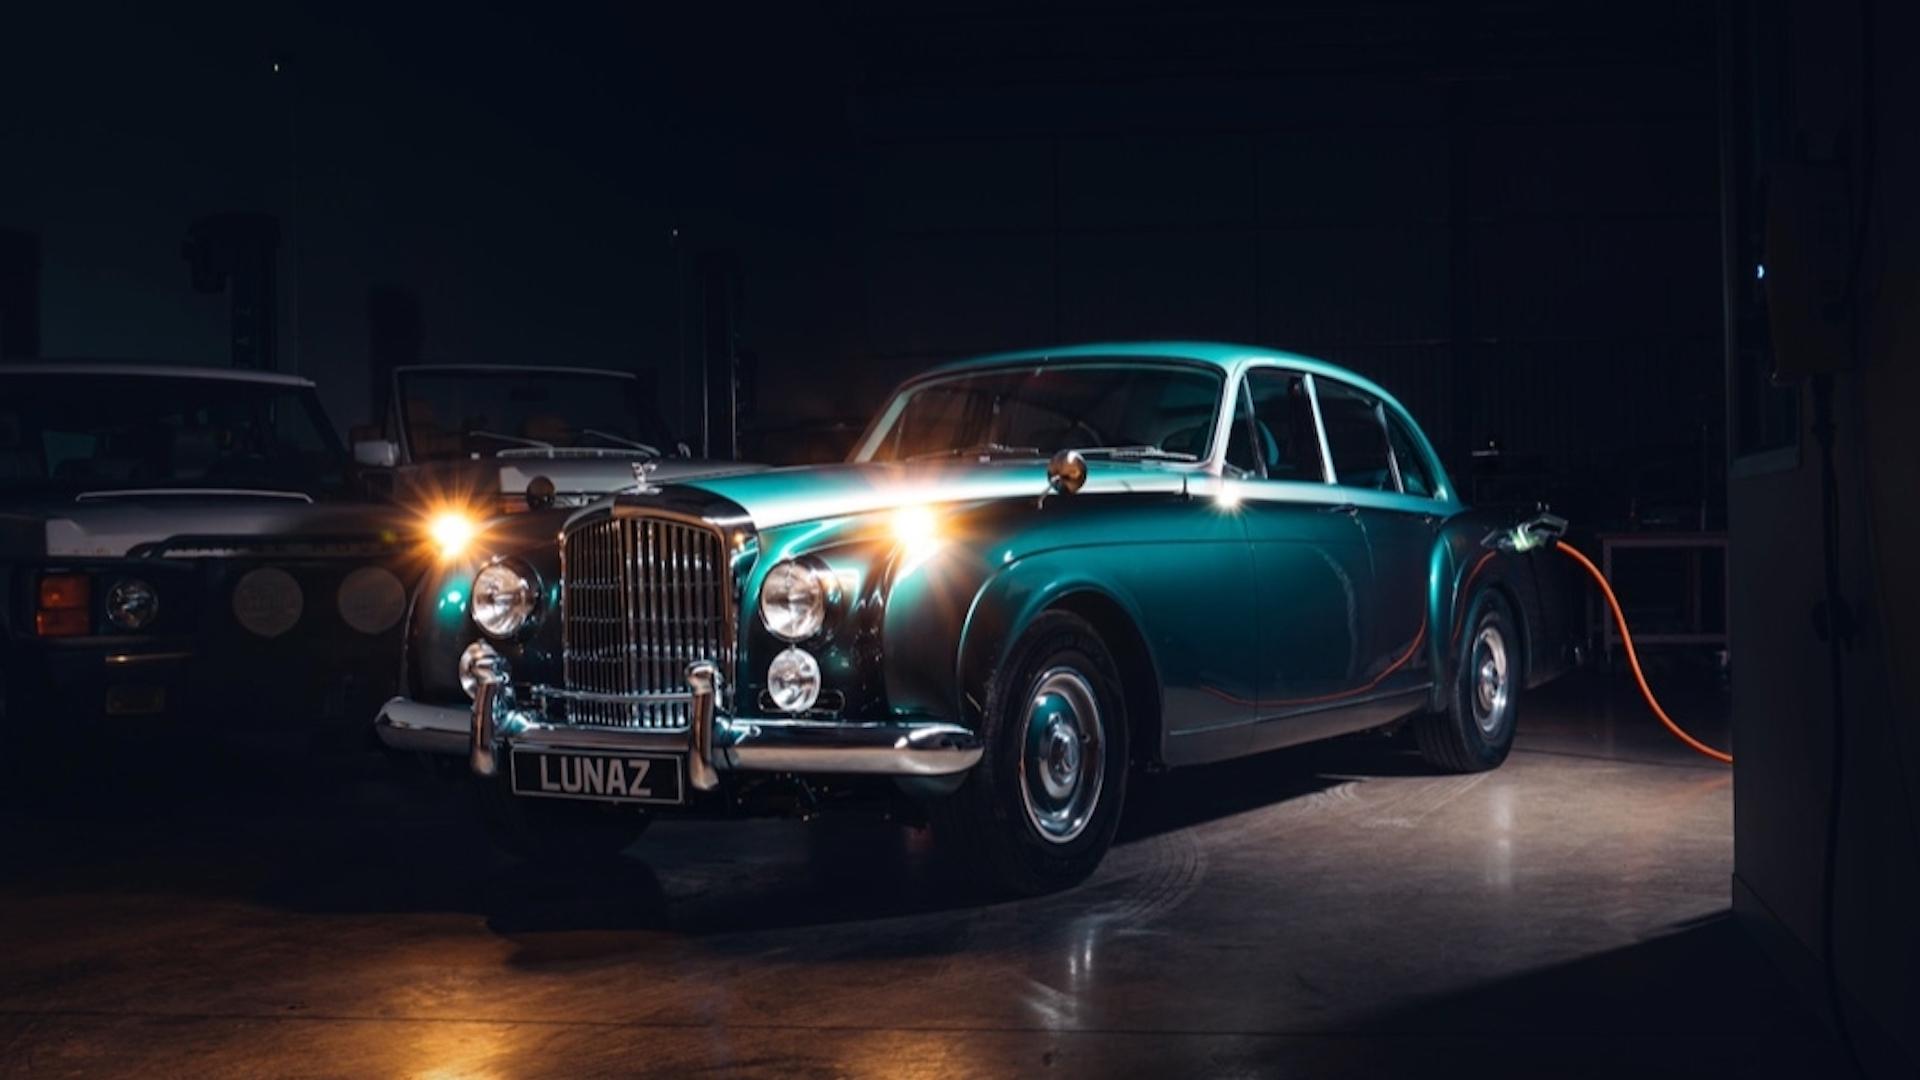 Lunaz bu kez Bentley Continental dönüşümüyle karşımızda